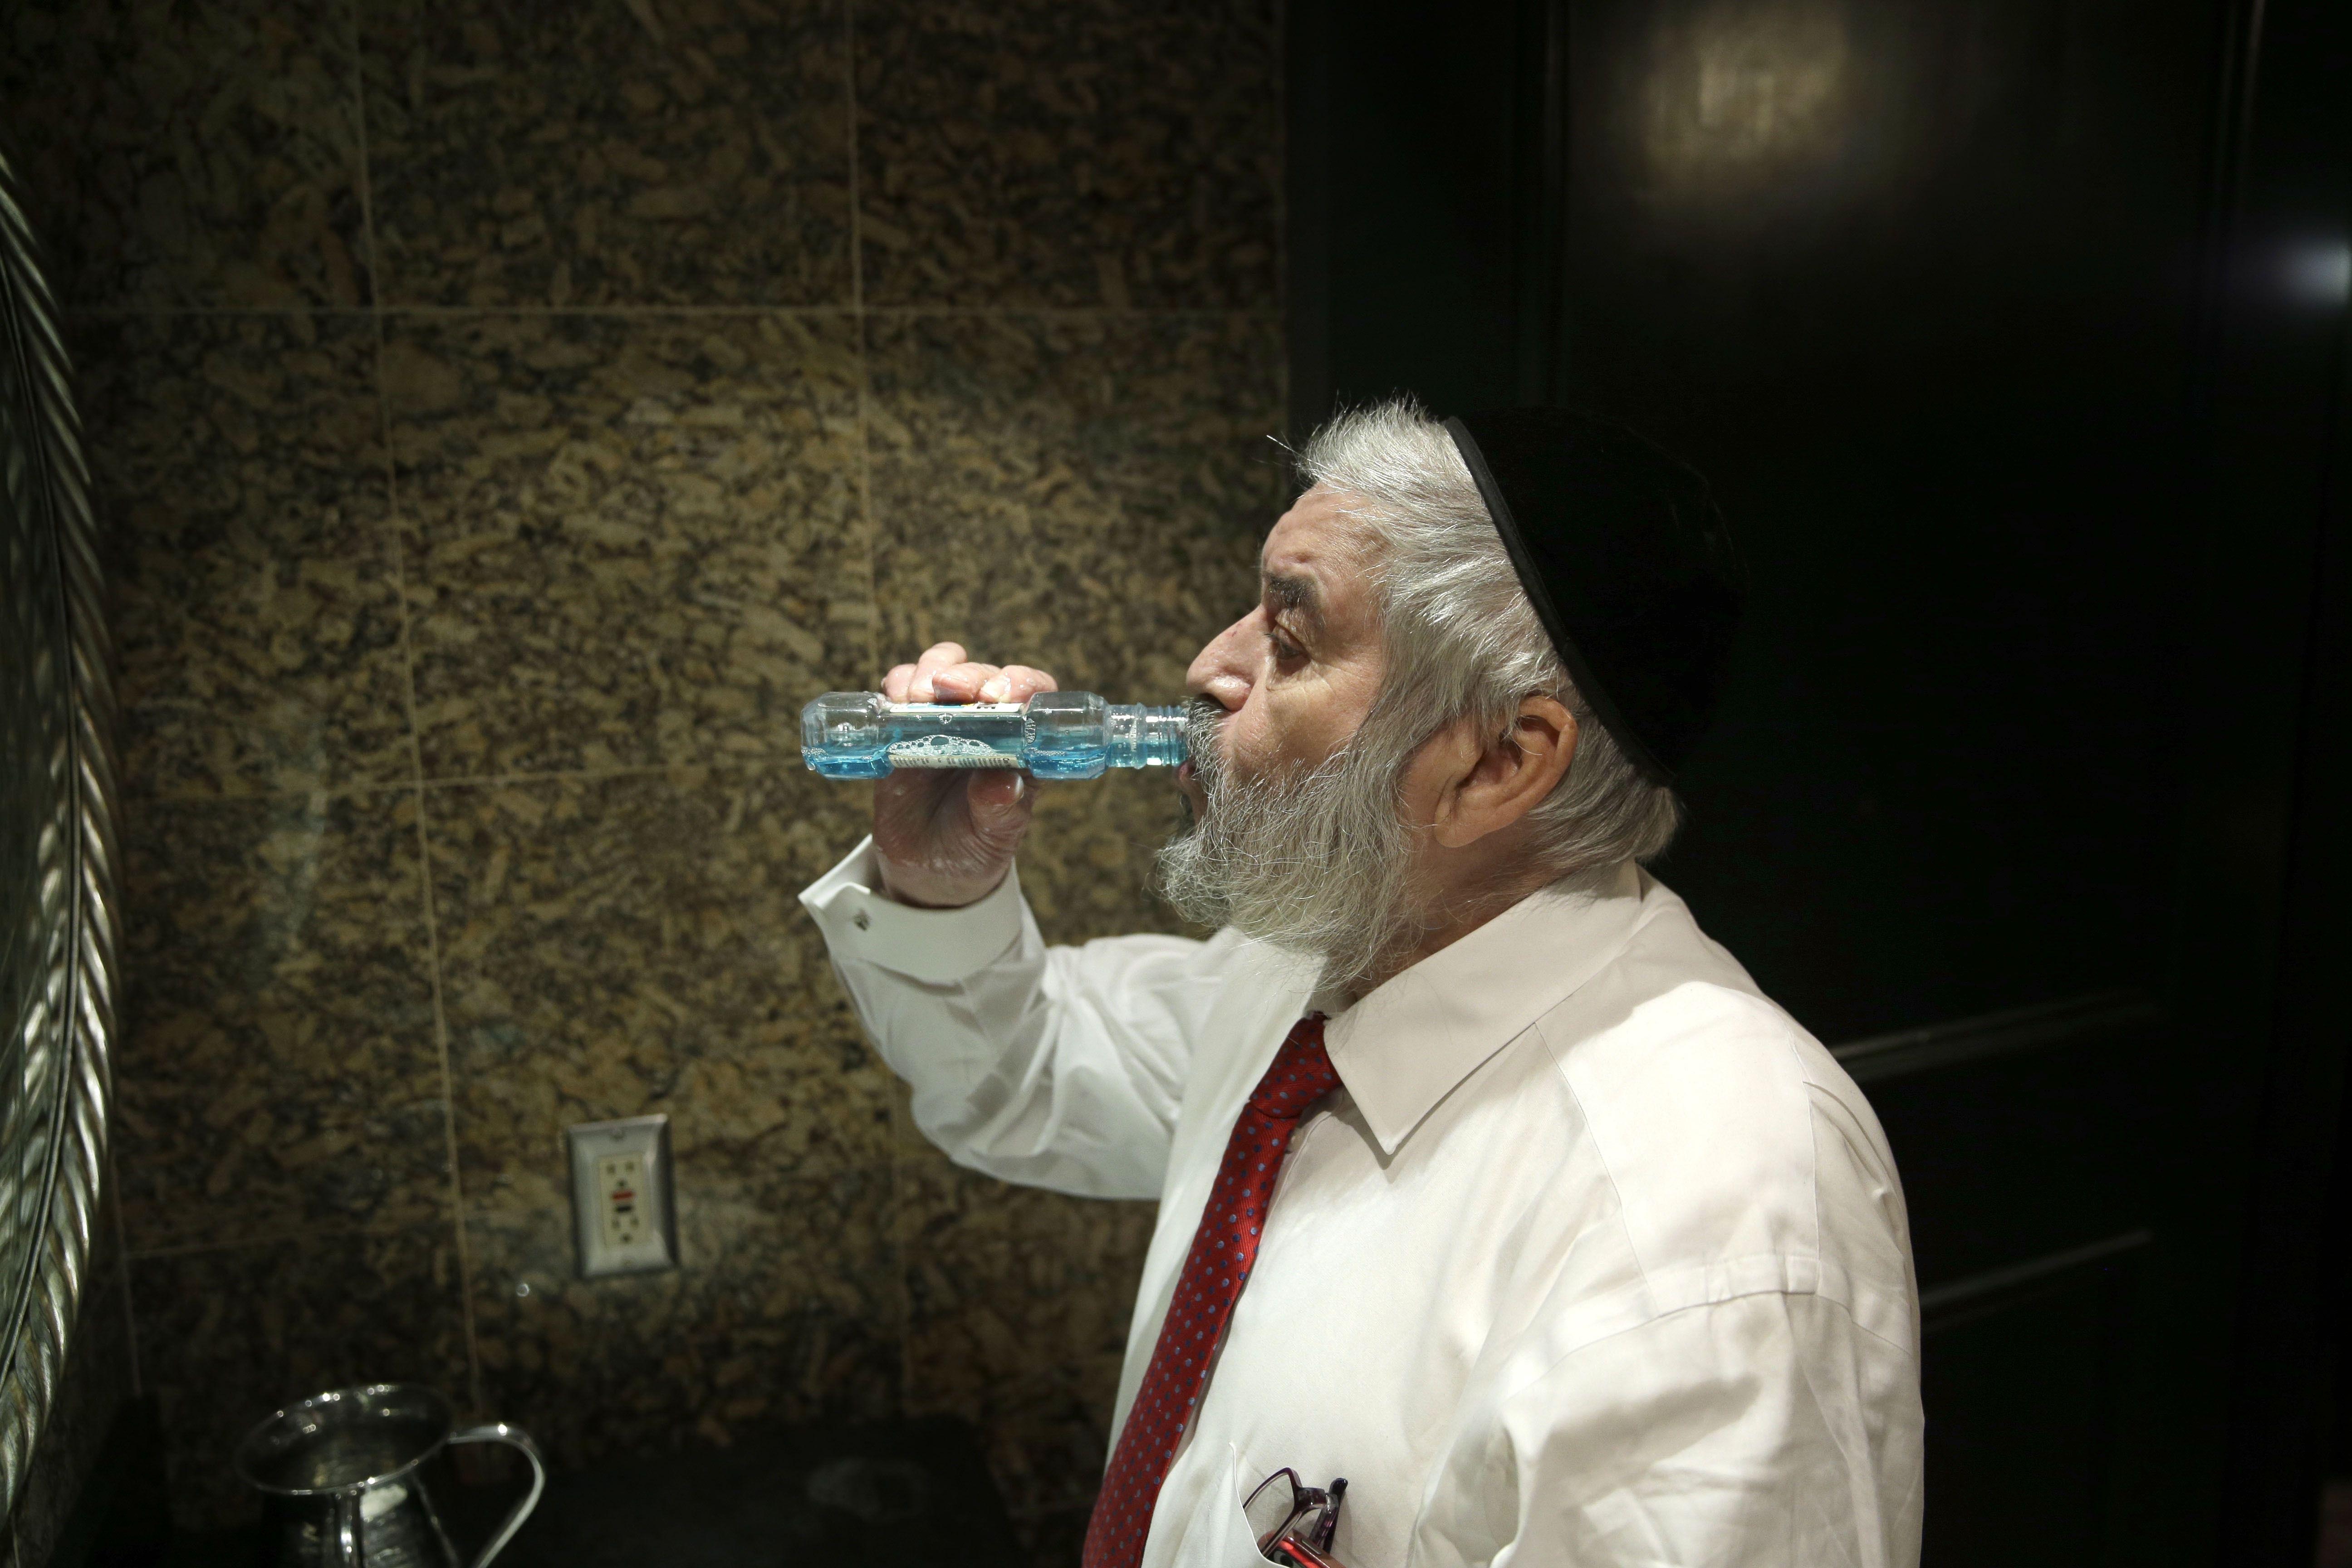 Rabbi Avrohom Cohn rinses with mouthwash before performing metzitzah b'peh.